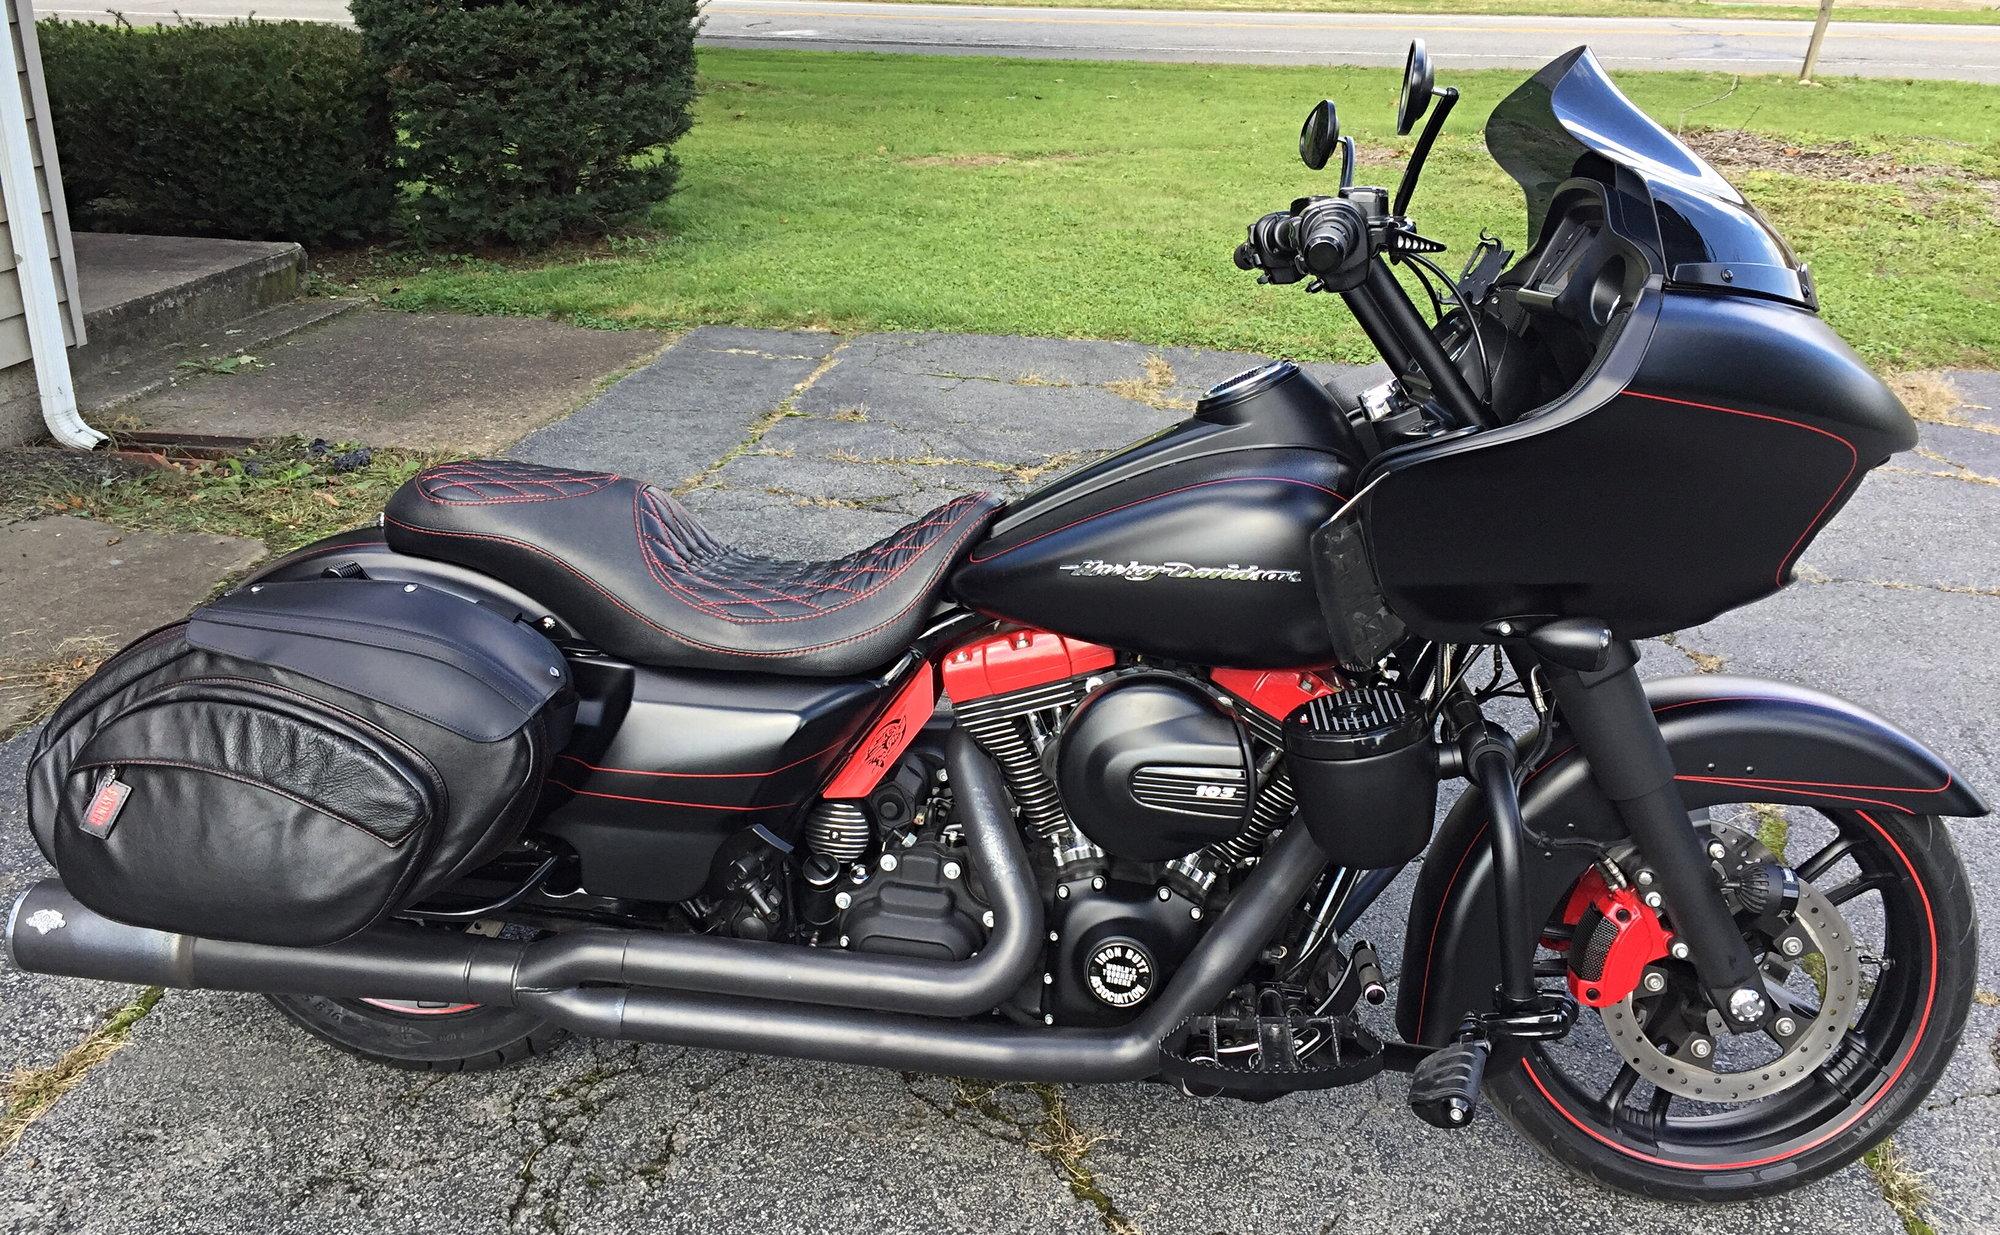 FXR Division Road Glide Bars - Page 3 - Harley Davidson Forums